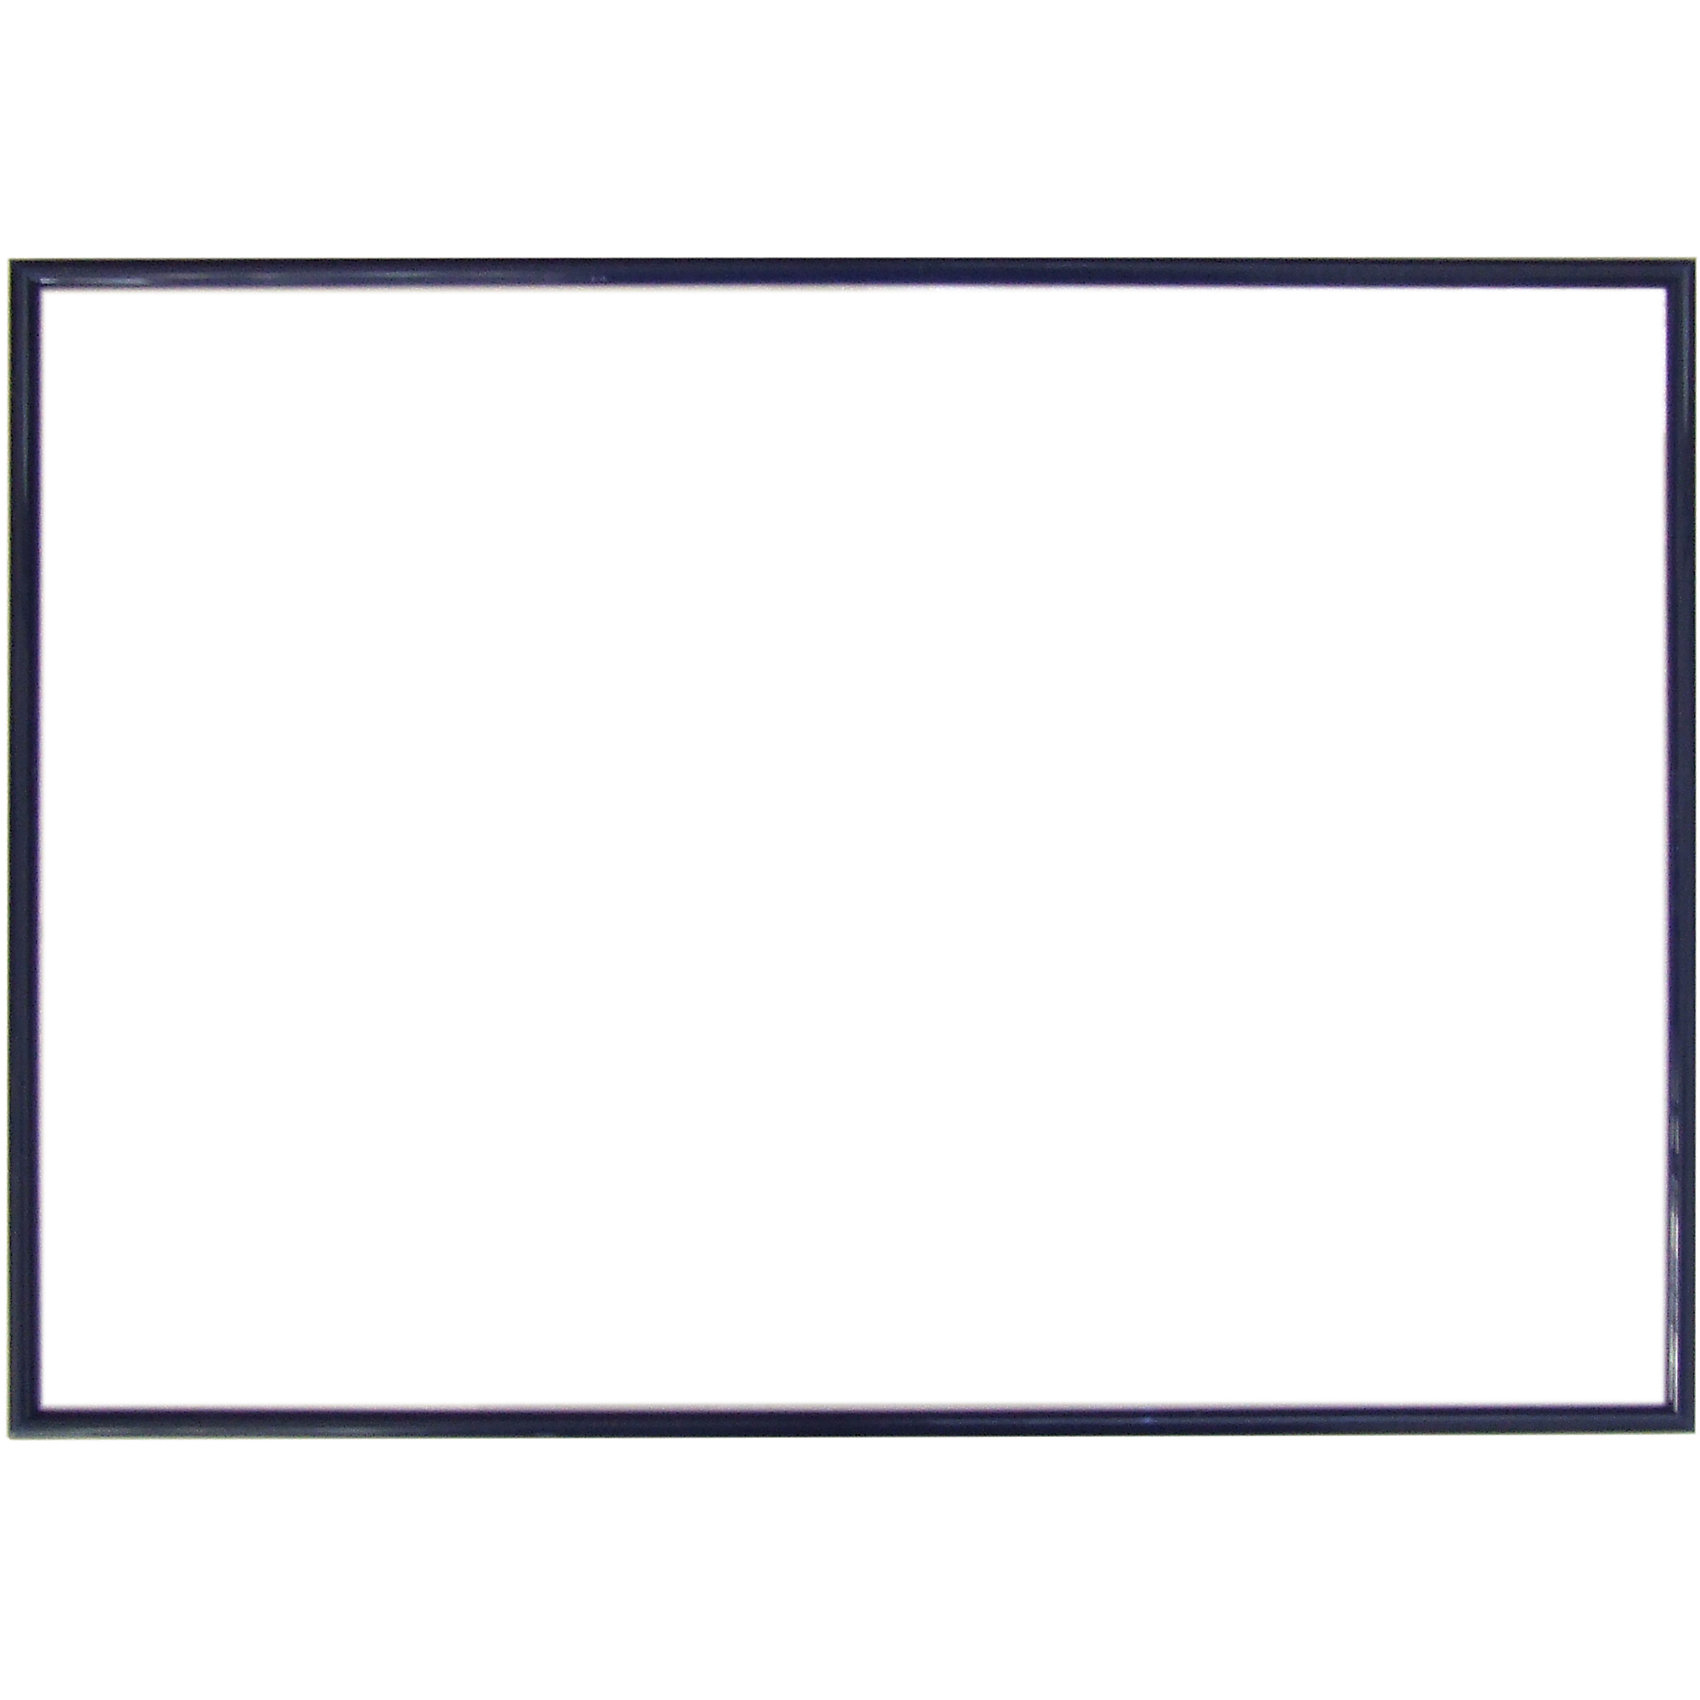 Рамка для пазла 500 деталей, 35х50 см, синяяАксессуары для пазлов<br>Рамка для пазла 500 деталей, 35х50 см, синяя послужит прекрасным дополнением к собранному пазлу и станет эксклюзивным подарком для каждого любителя пазлов! <br><br>Дополнительная информация:<br>-Размер пазла: 35х50 см (500 деталей)<br>-Цвет рамы: синий<br>-Материалы: пластик<br>-Ширина профиля: 1 см<br><br>Рамку для пазла 500 деталей, 35х50 см, синяя можно купить в нашем магазине.<br><br>Ширина мм: 350<br>Глубина мм: 500<br>Высота мм: 20<br>Вес г: 300<br>Возраст от месяцев: 72<br>Возраст до месяцев: 192<br>Пол: Унисекс<br>Возраст: Детский<br>SKU: 4244027